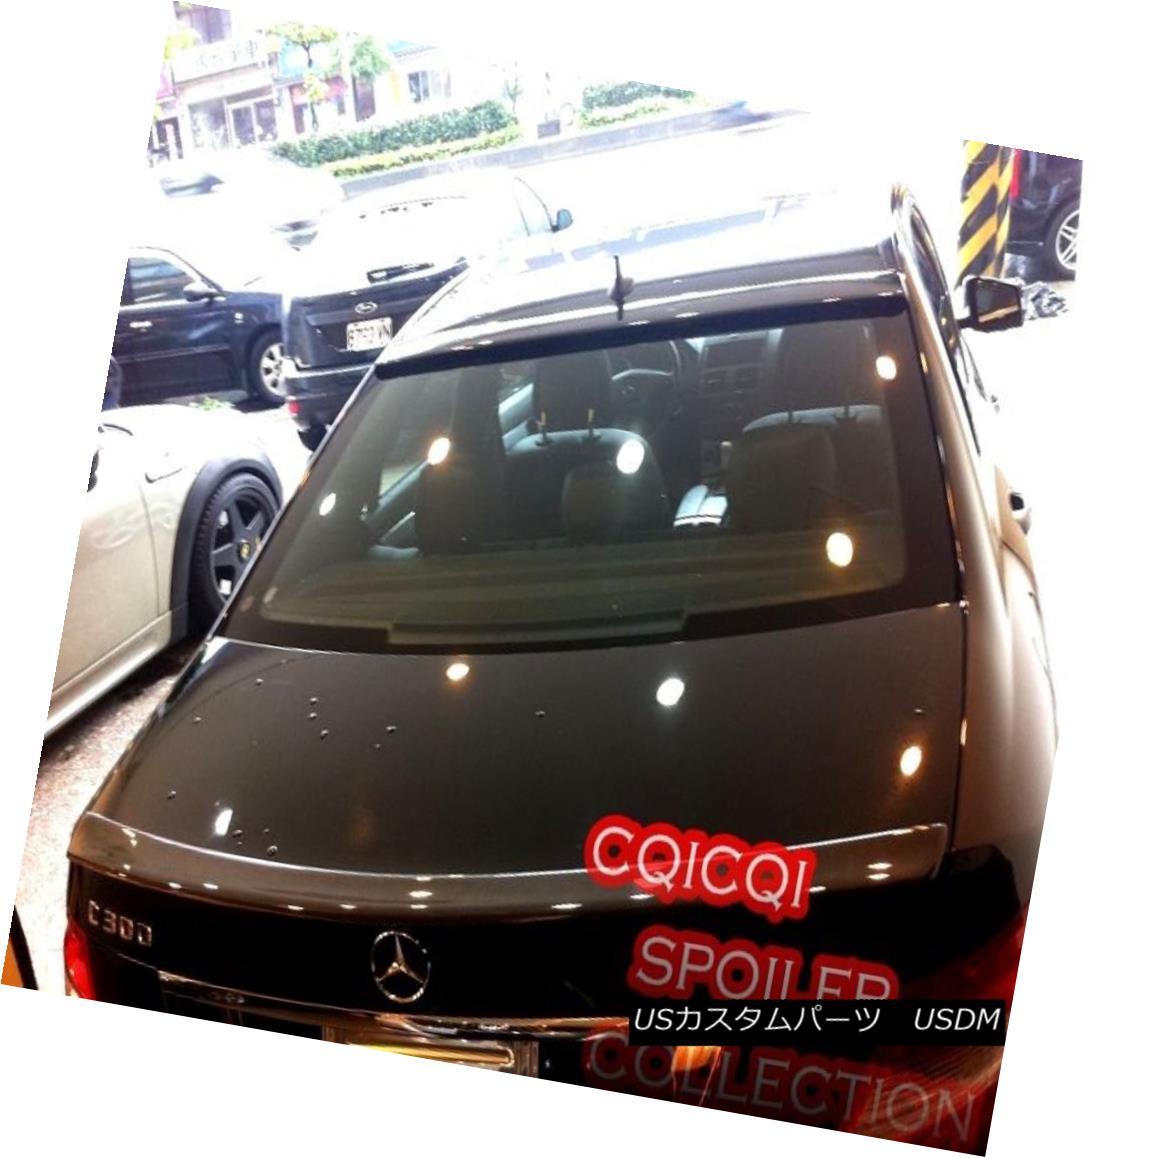 エアロパーツ Carbon M-BENZ 08~14 W204 C class Sedan OEM type roof + AMG type trunk spoiler ◎ カーボンM-BENZ 08?14 W204 CクラスセダンOEMタイプルーフ+ AMGタイプトランク・スポイラー?